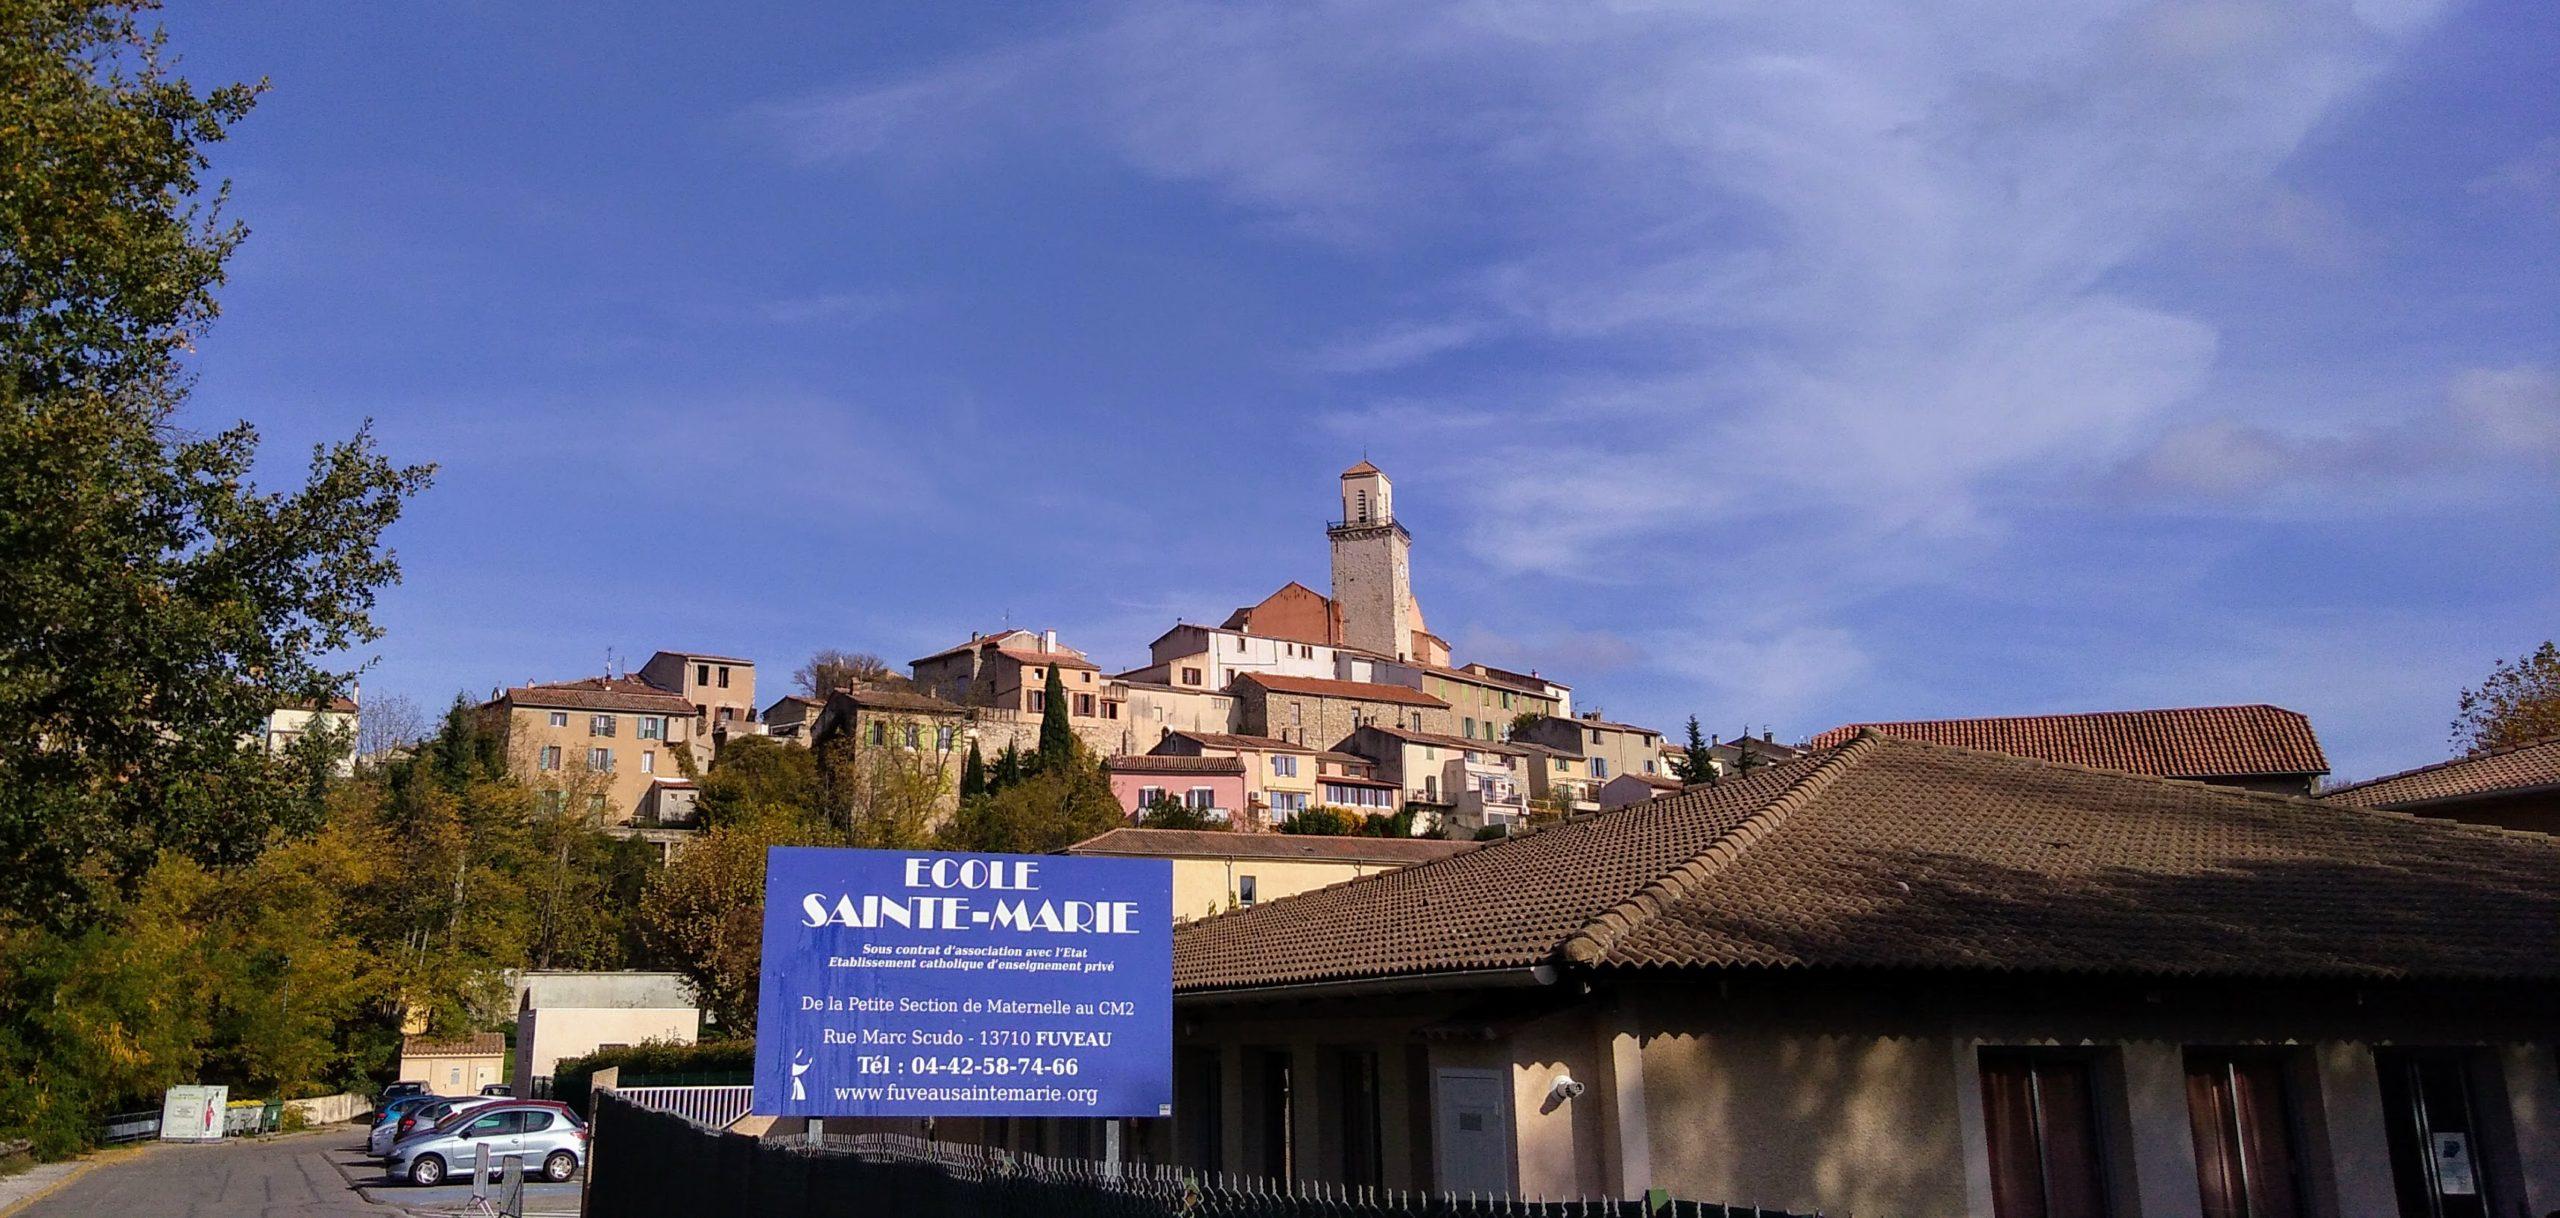 Ecole Sainte Marie Fuveau école engagée photo de l'école le village et son clocher surplombe sur ciel bleu